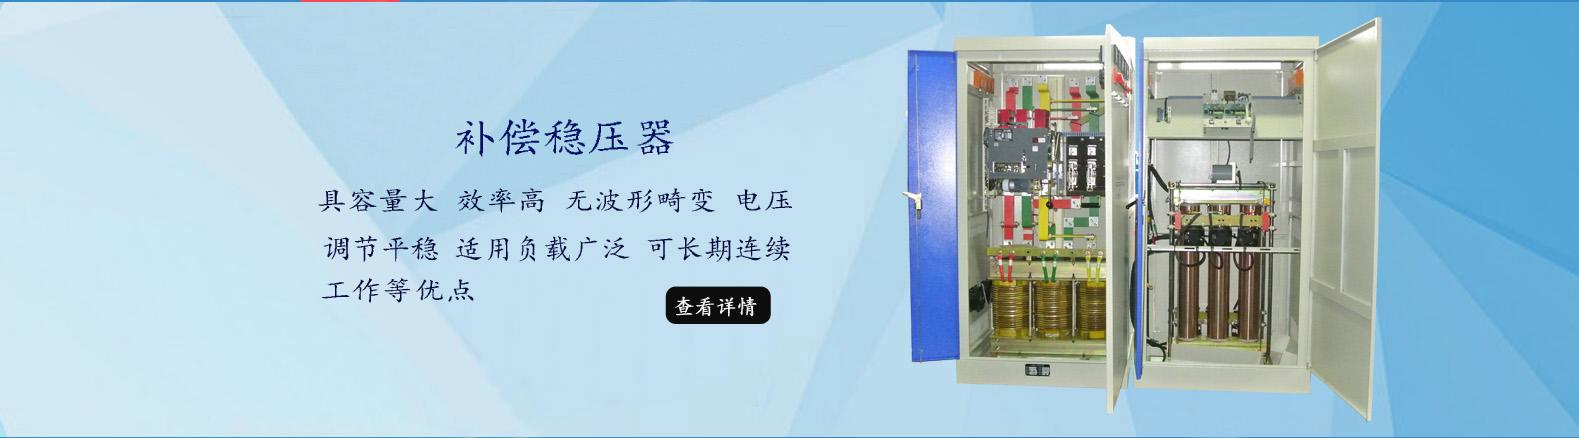 三相稳压器、上海稳压器厂家、稳压电源、三相全自动补偿式电力稳压器,精密净化稳压器,无触点稳压器,直流稳压电源